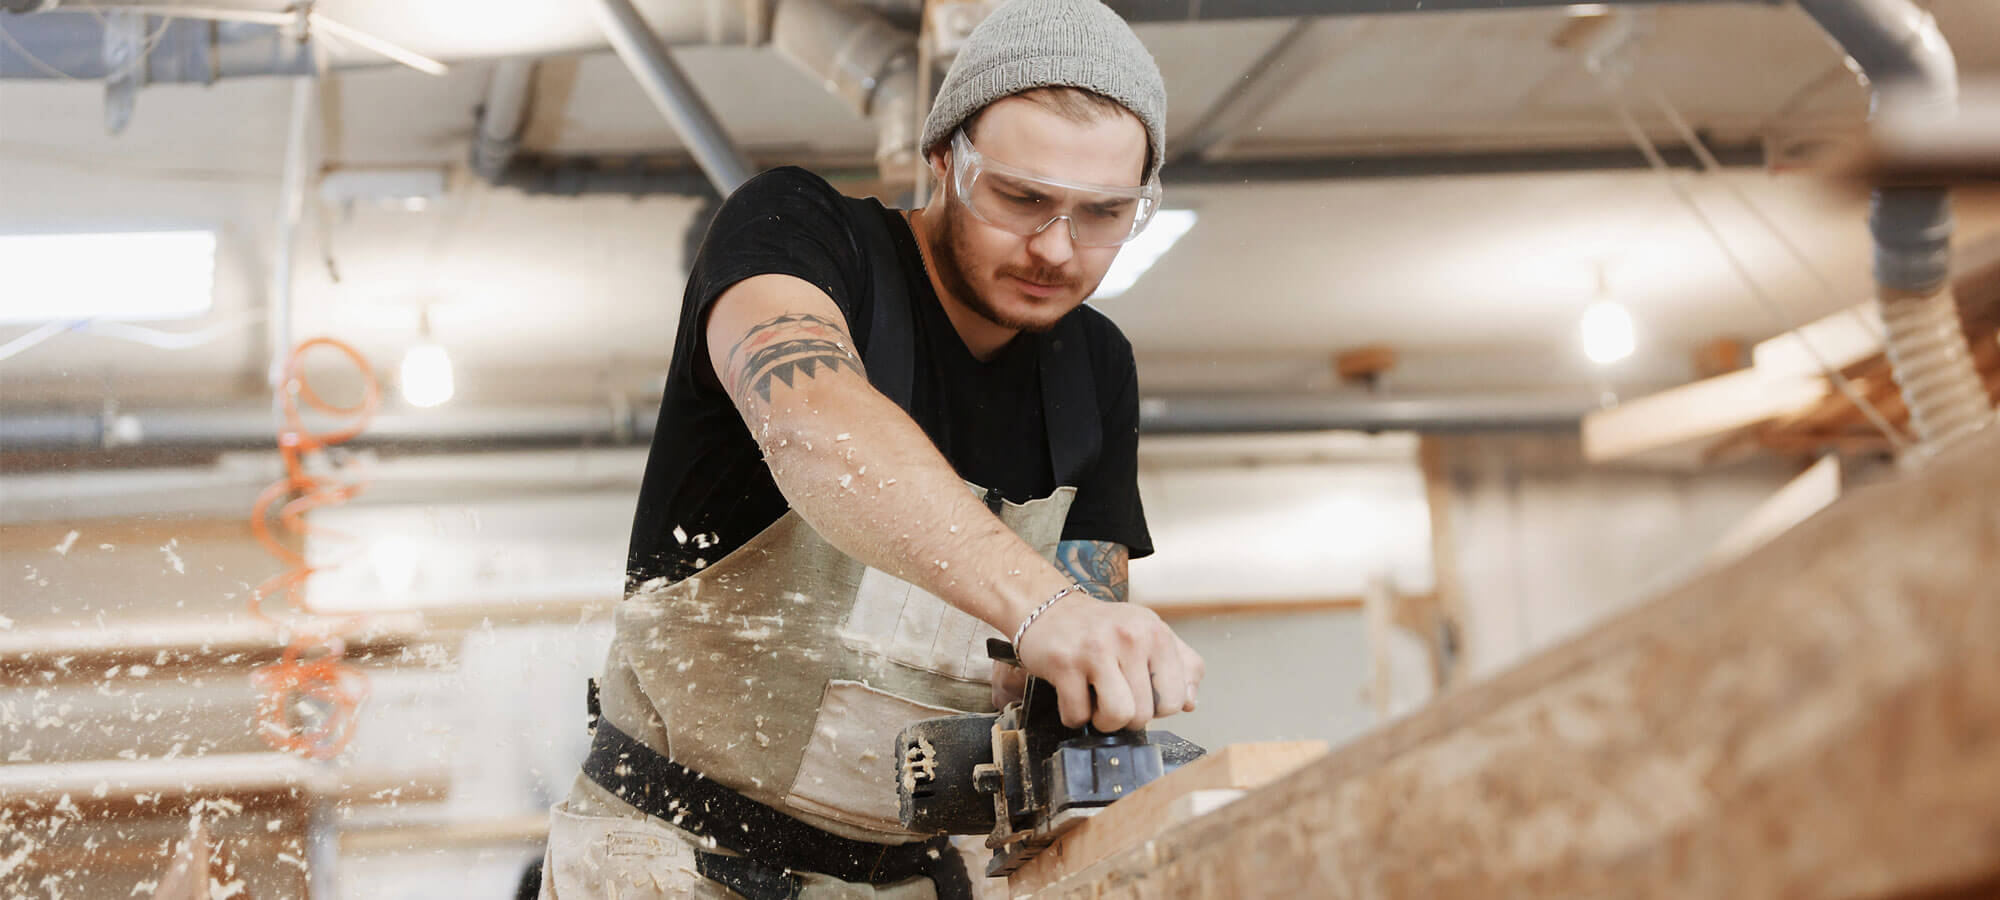 Håndverker som arbeider